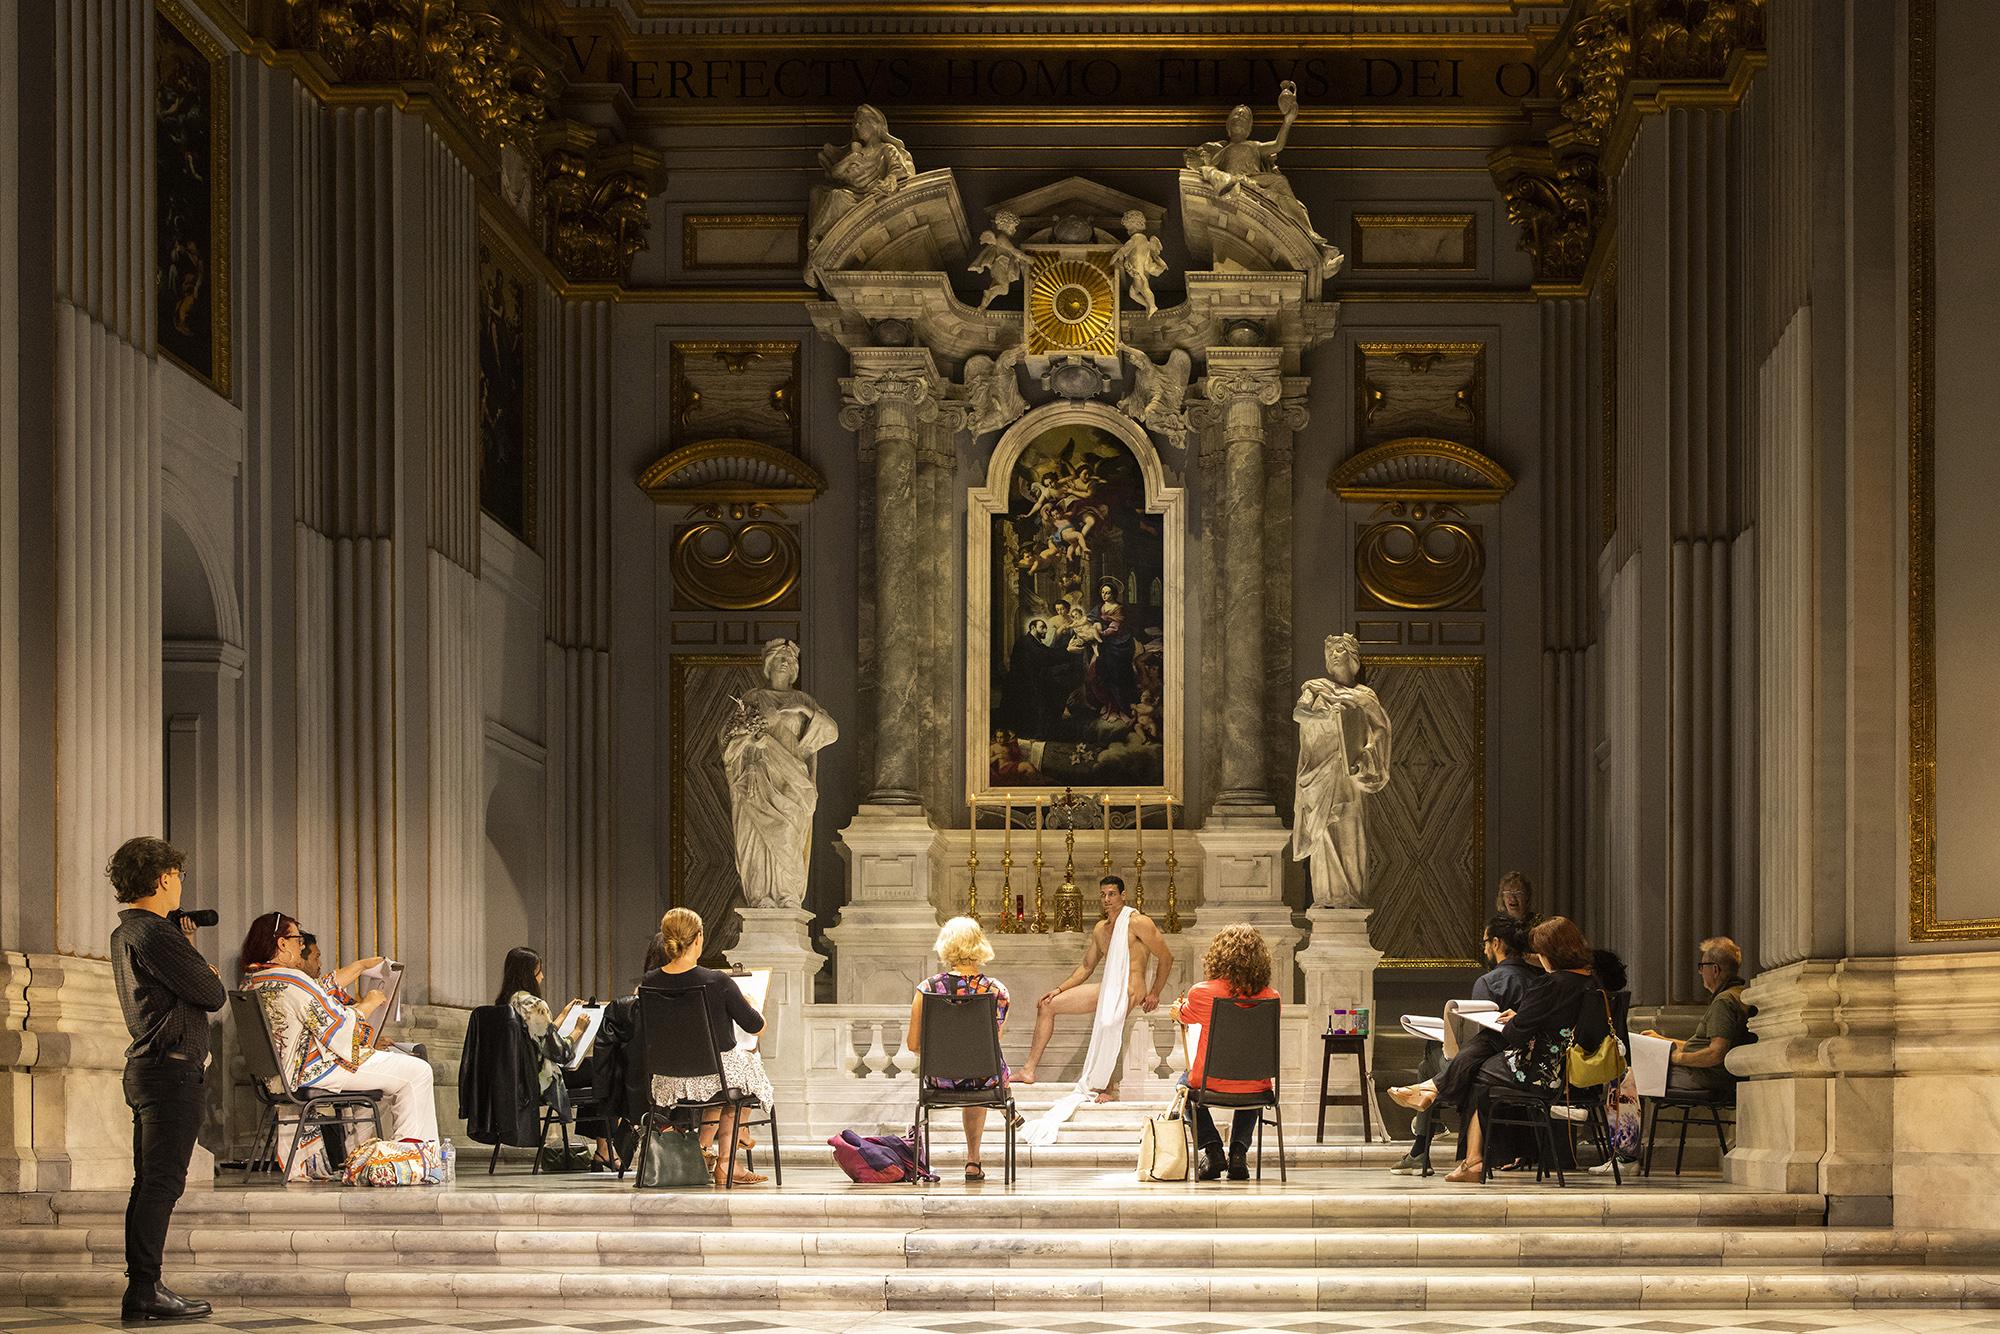 12 марта 2021 года, знаменитый Сиднейский оперный театр вАвстралии открыли длякурсов рисования. Они проходят во время постановки оперы Джакомо Пуччини «Тоска» вдекорациях, воссоздающих римскую церковь Сант-Андреа-делла-Валле